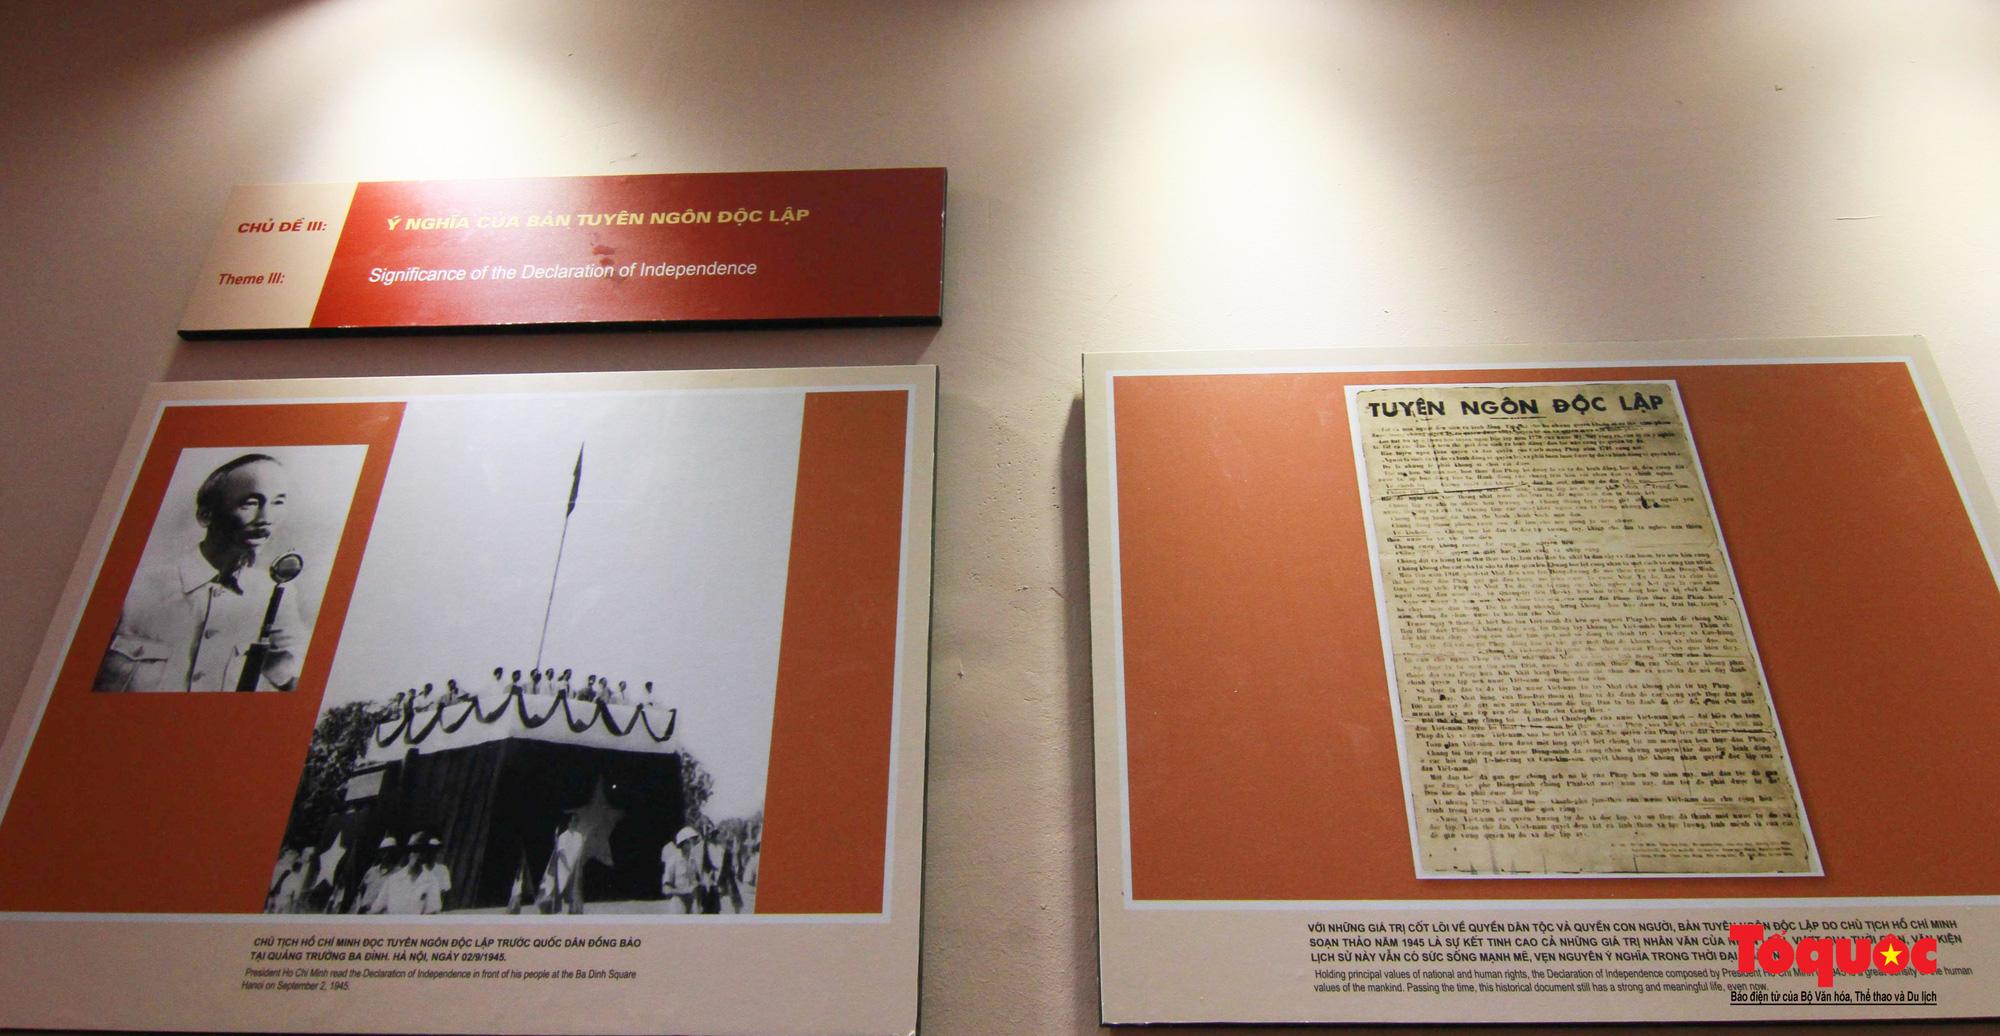 Hà Nội trong những ngày Cách mạng tháng 8 và Quốc khánh 2/9 lịch sử - Ảnh 8.